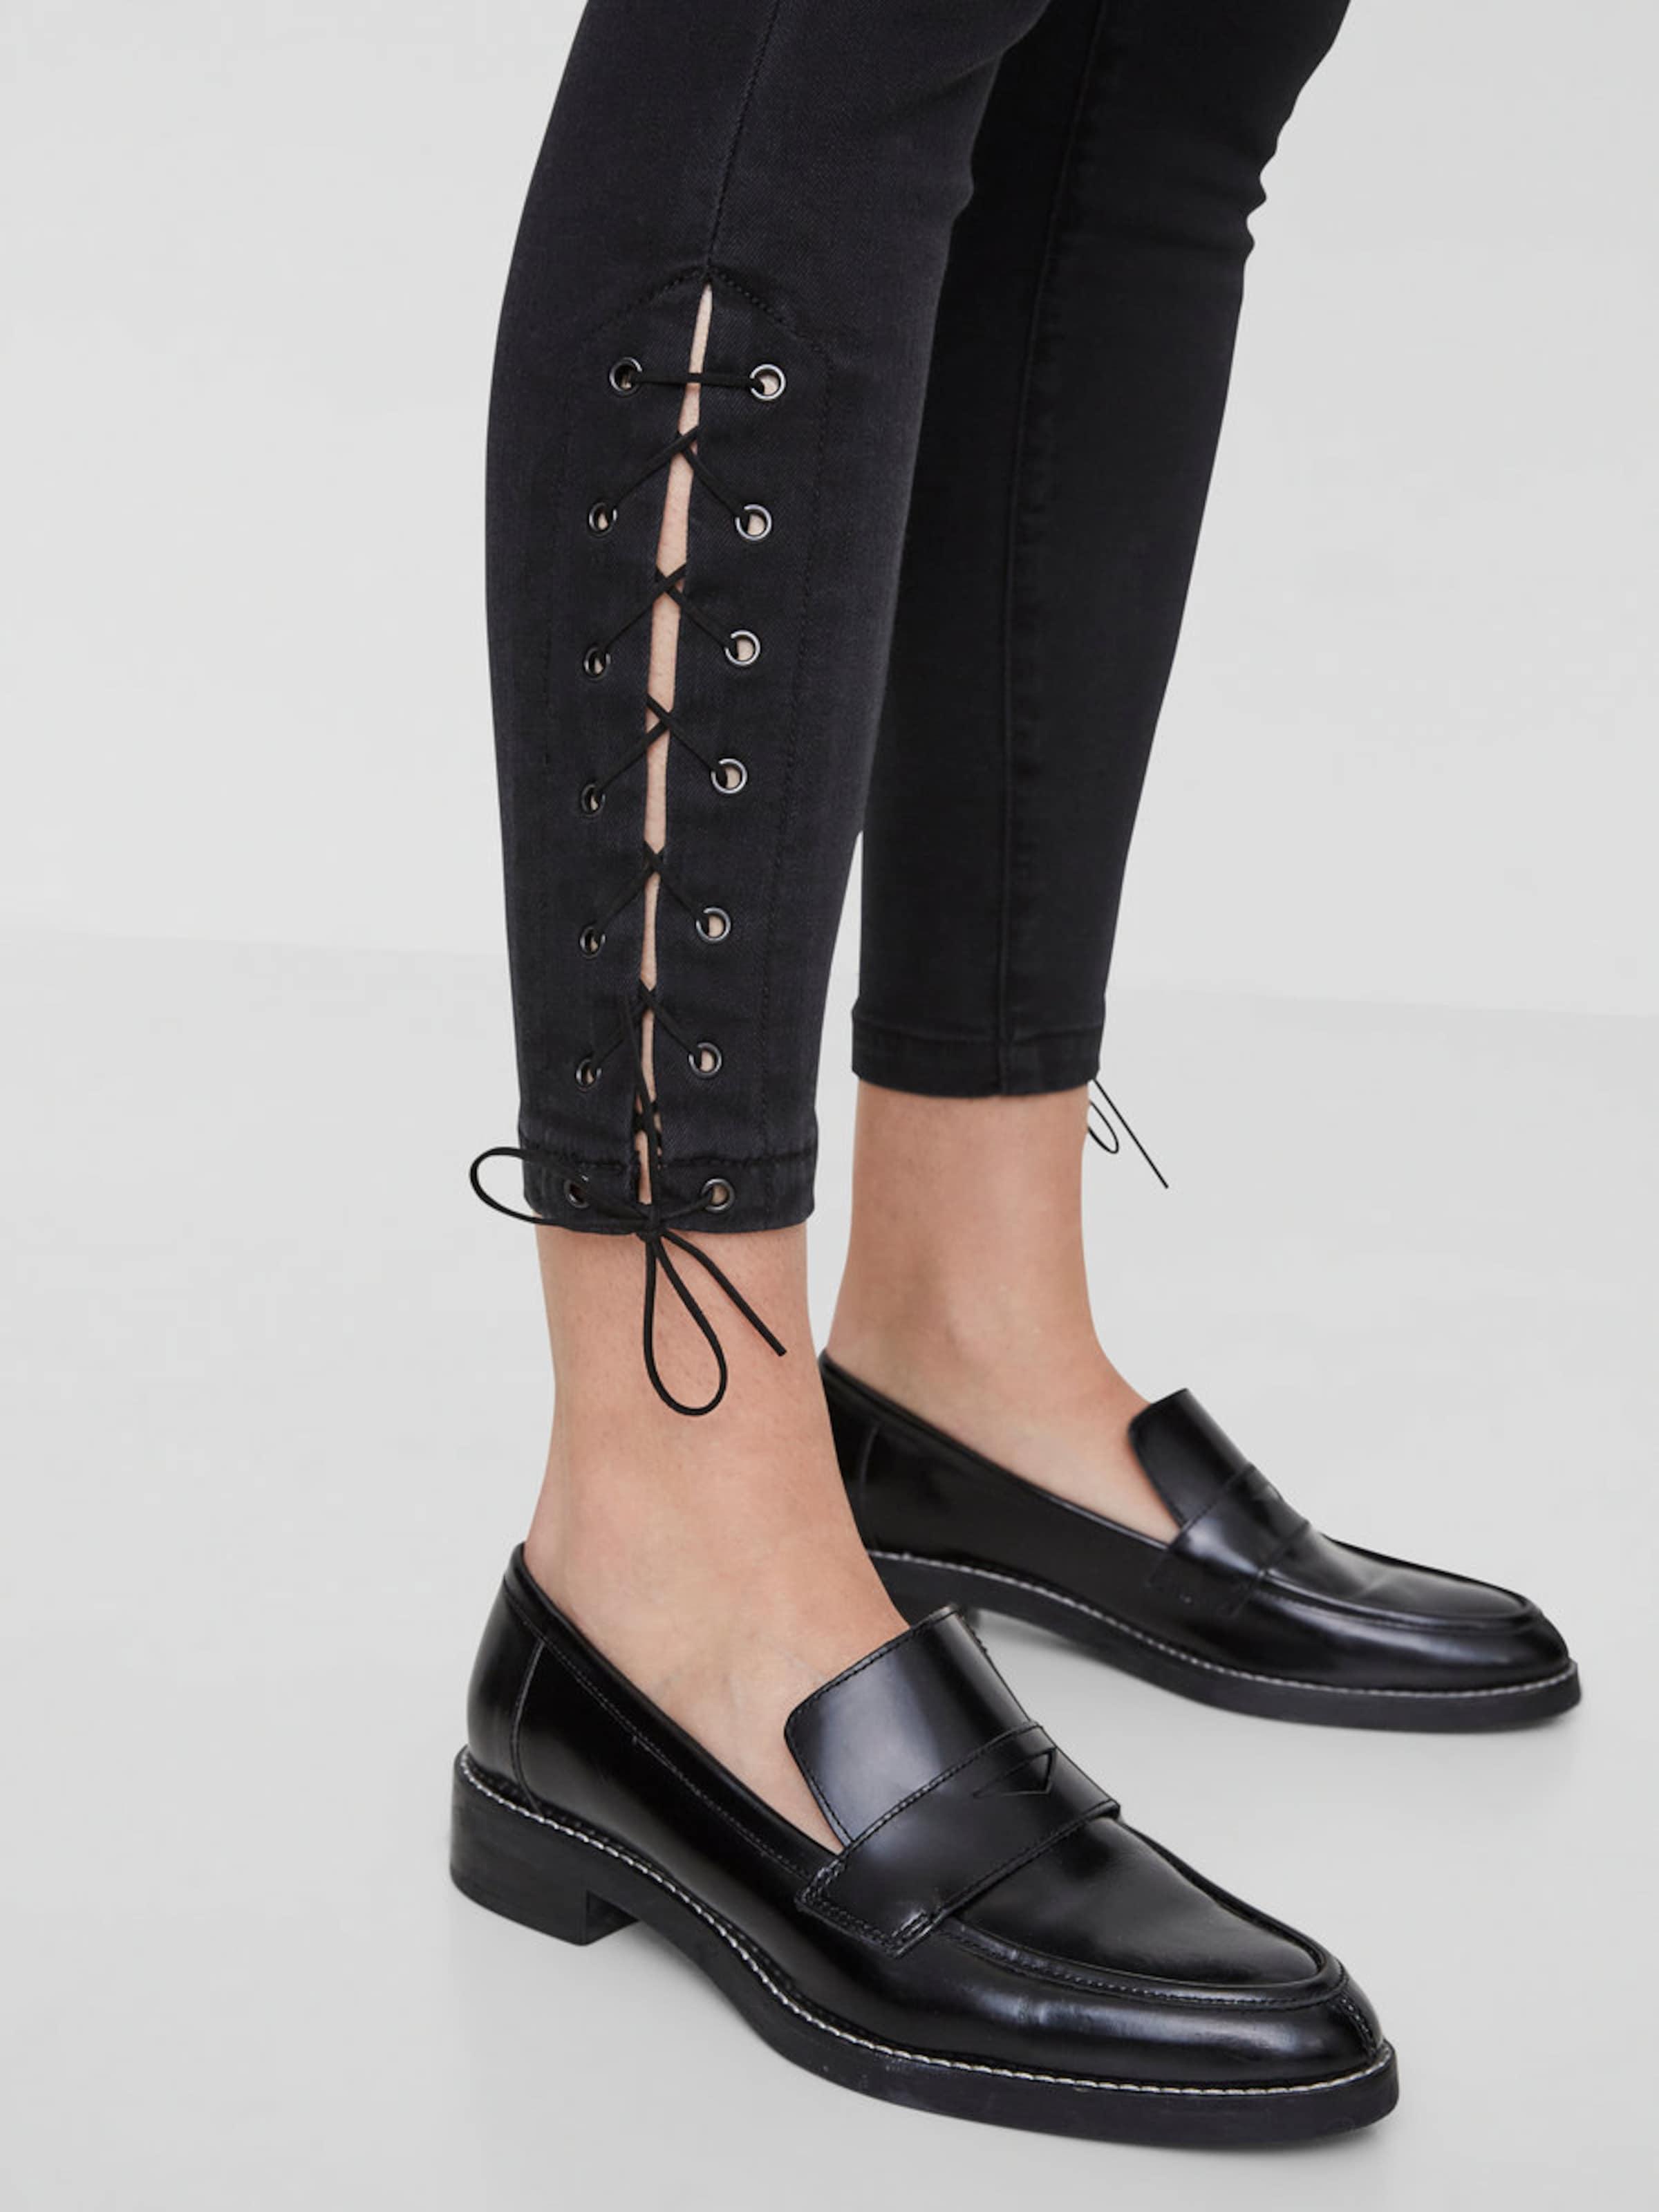 VERO MODA Jeans 'SLIM LACE UP ANKLE' Verkauf Größten Lieferanten Auslass Erhalten Zu Kaufen ThBaLT